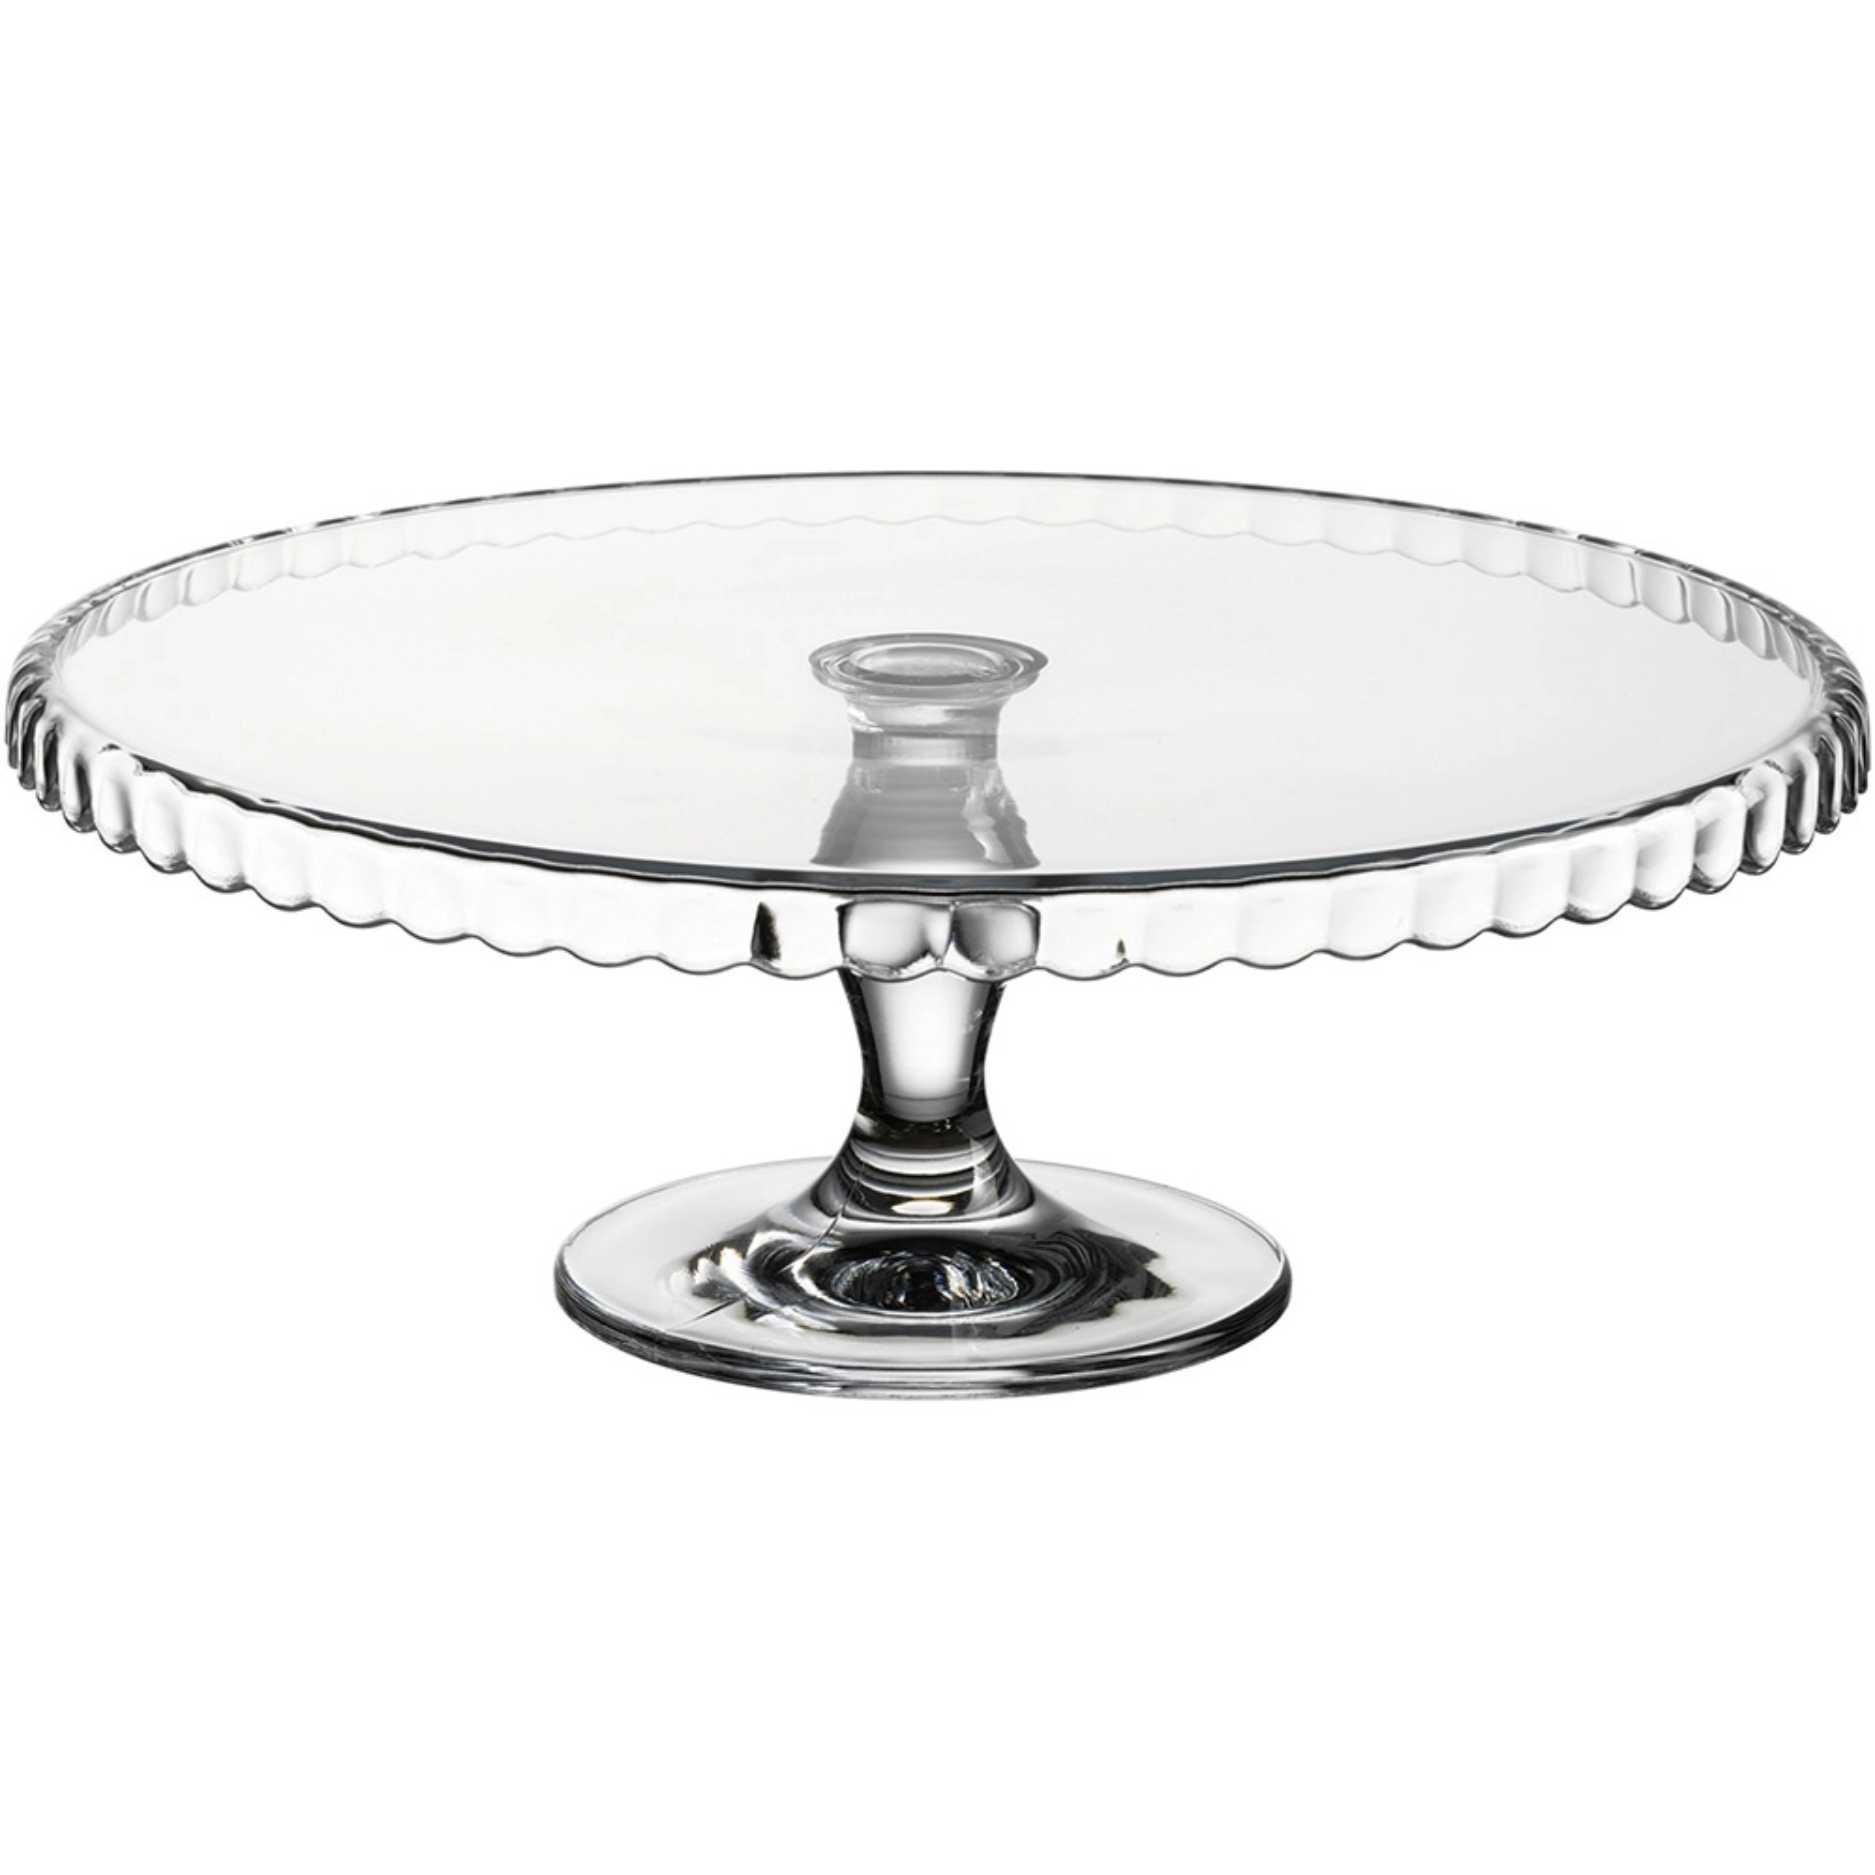 Prato de Vidro para Bolo com Pé 32cm - Patisserie